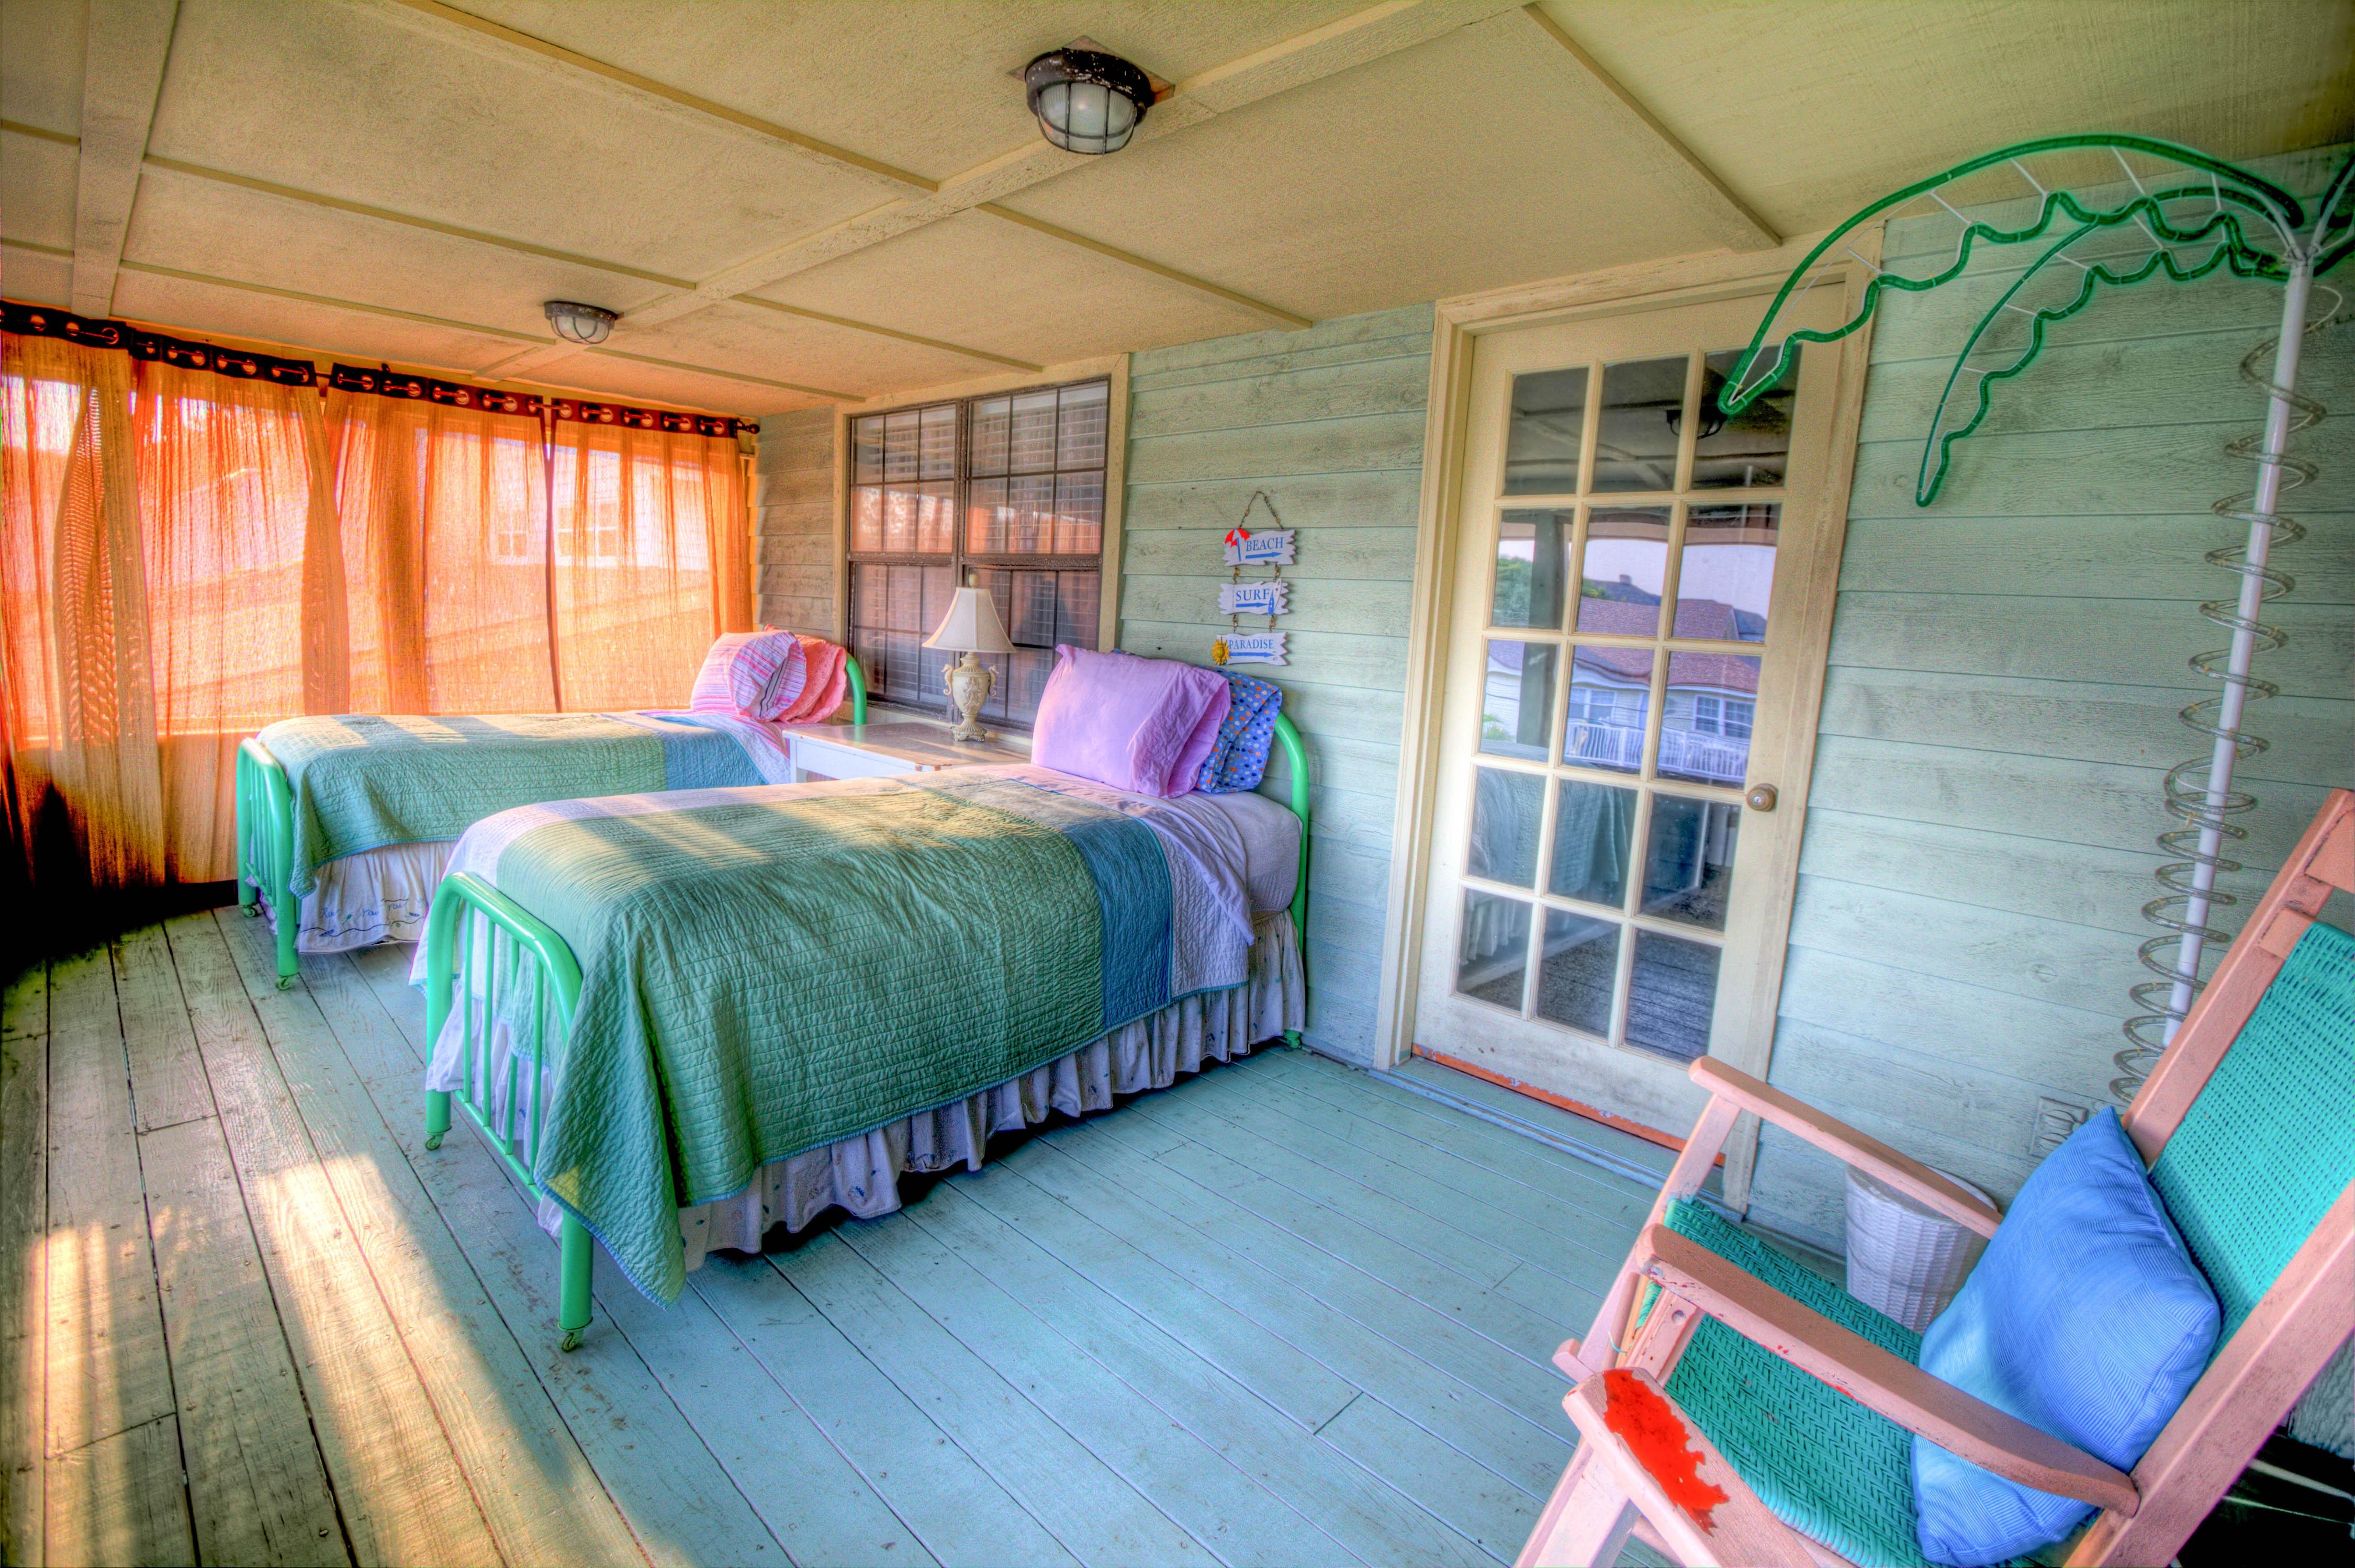 Gambar Rumah Pedalaman Pedesaan Sedang Tidur Pondok Milik